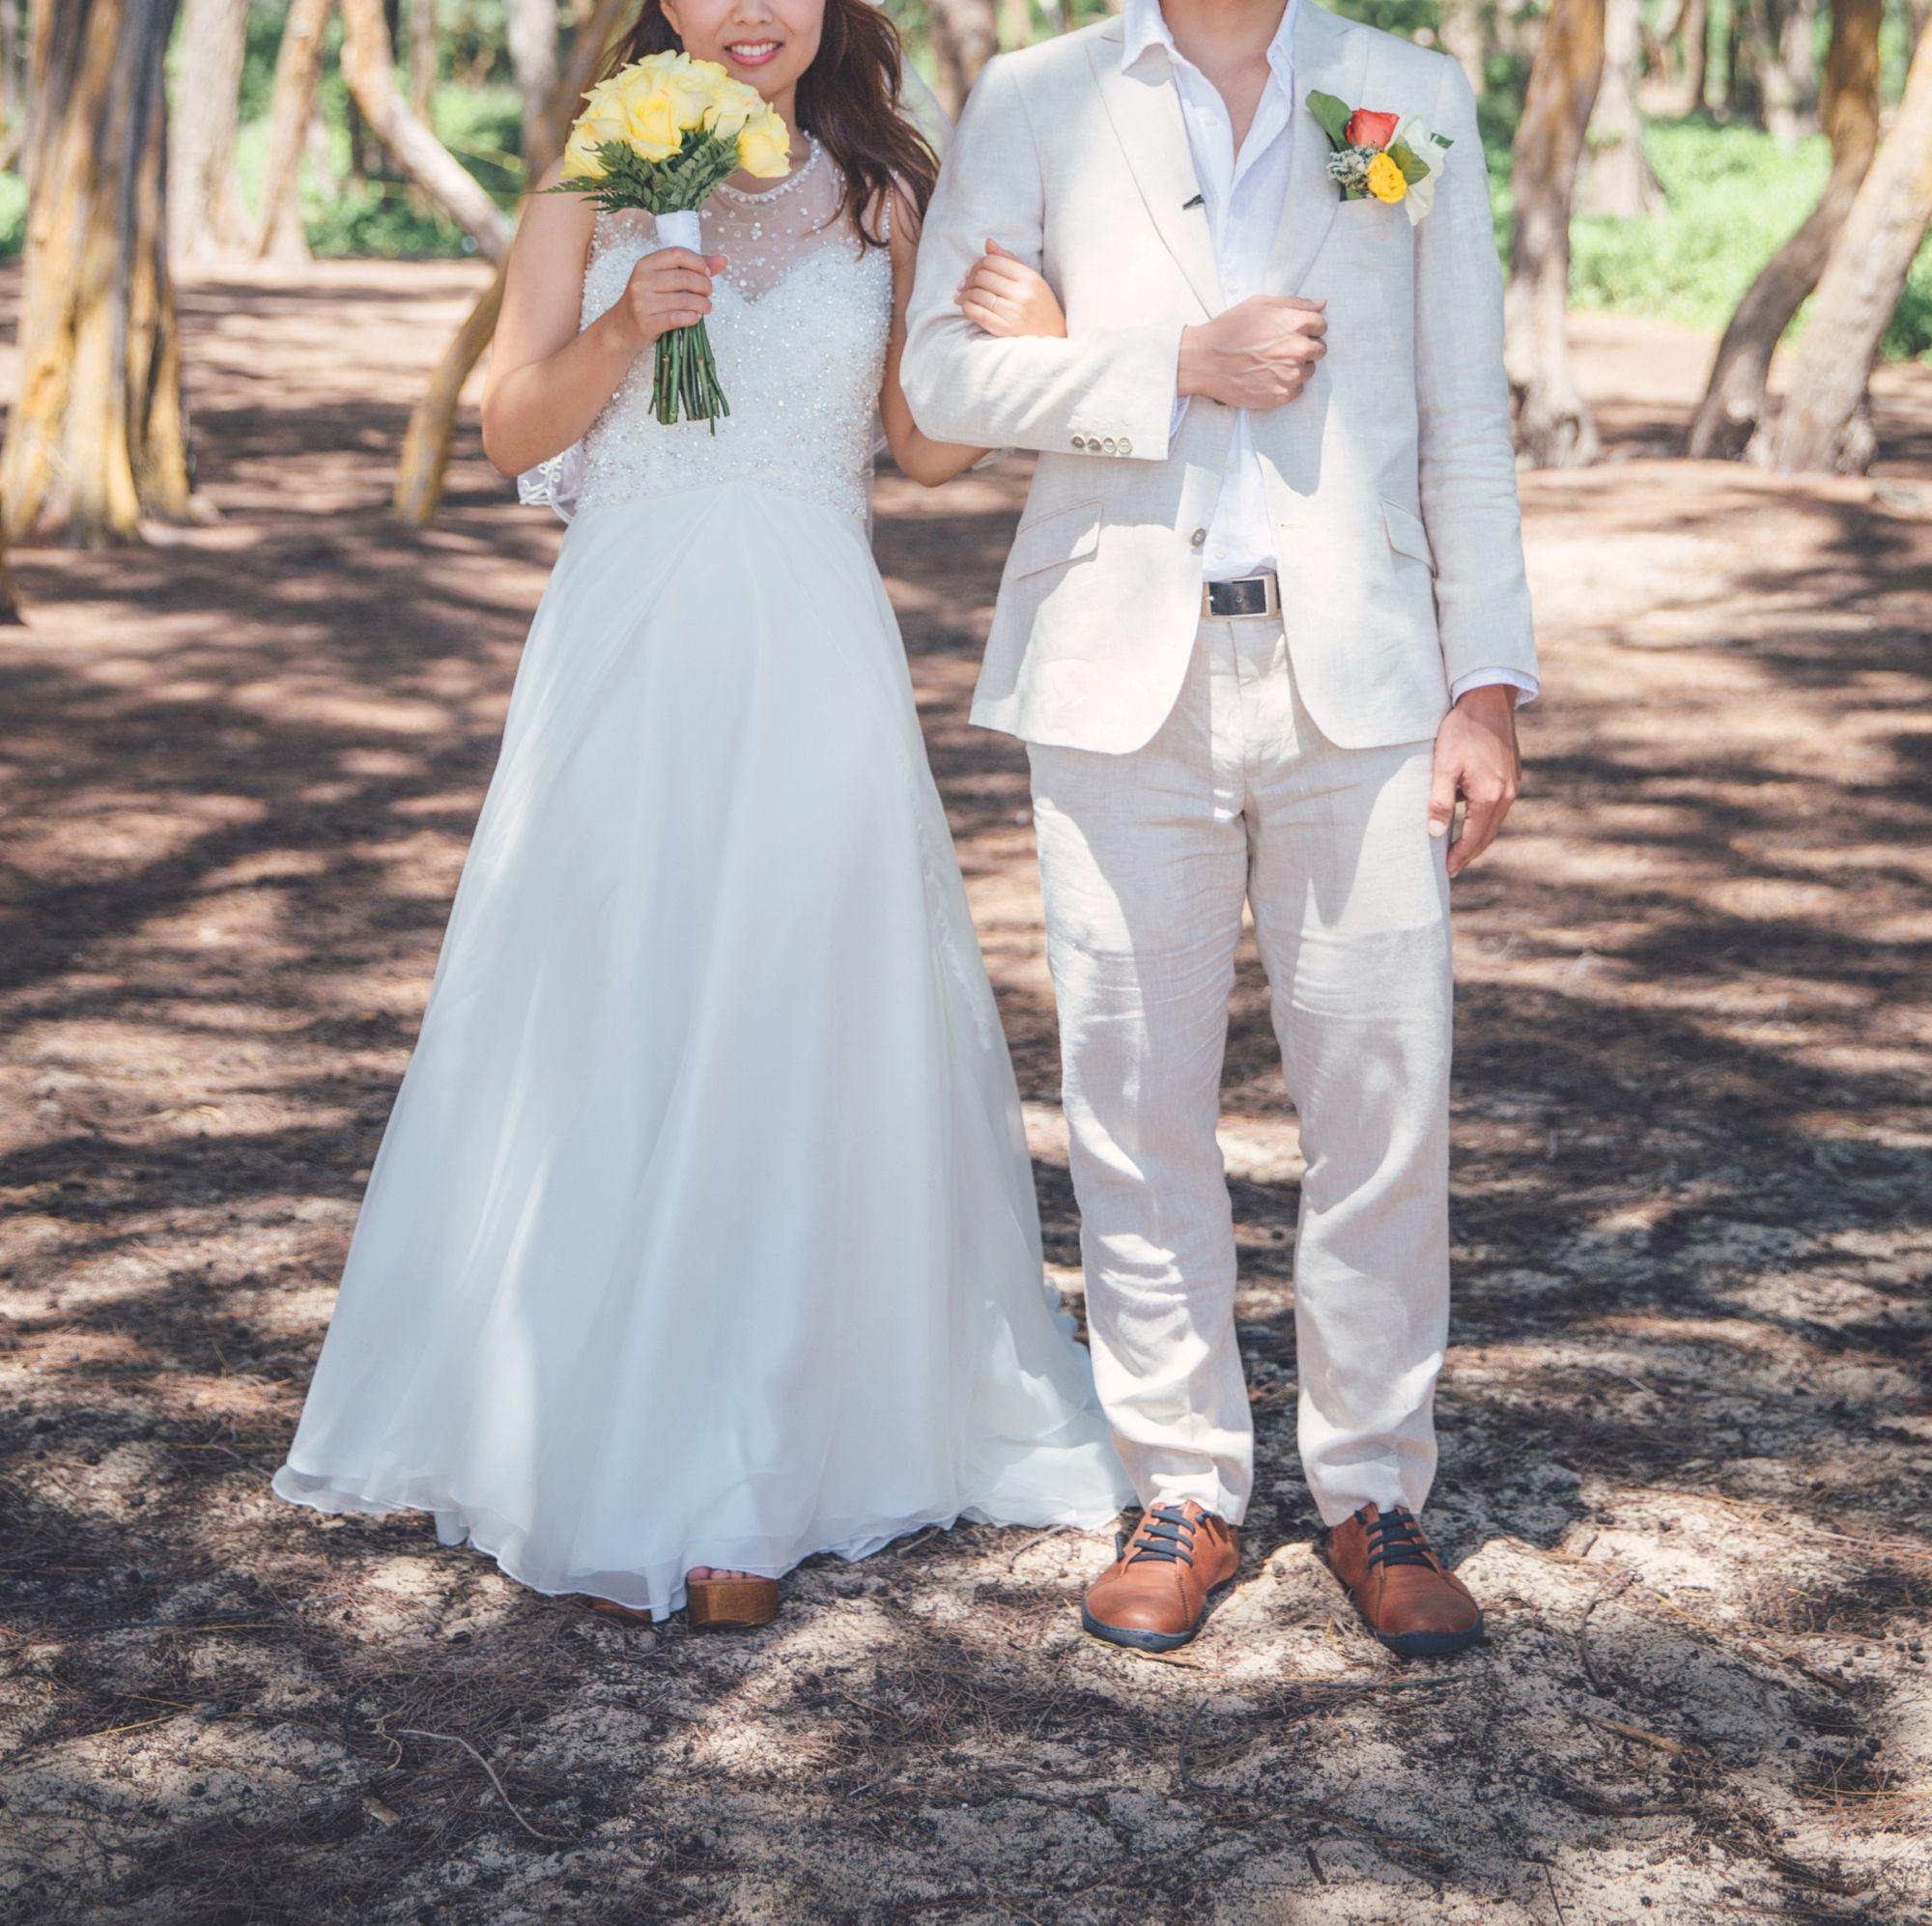 二人だけの特別な時間を ハワイ好き ハワイだからこその 絶景の自然に囲まれたロケーションは最高です ハワイプレ花嫁 ハワイ結婚式準備 ハワイ結婚式撮影 プレプレ花嫁 ハワ ハワイ